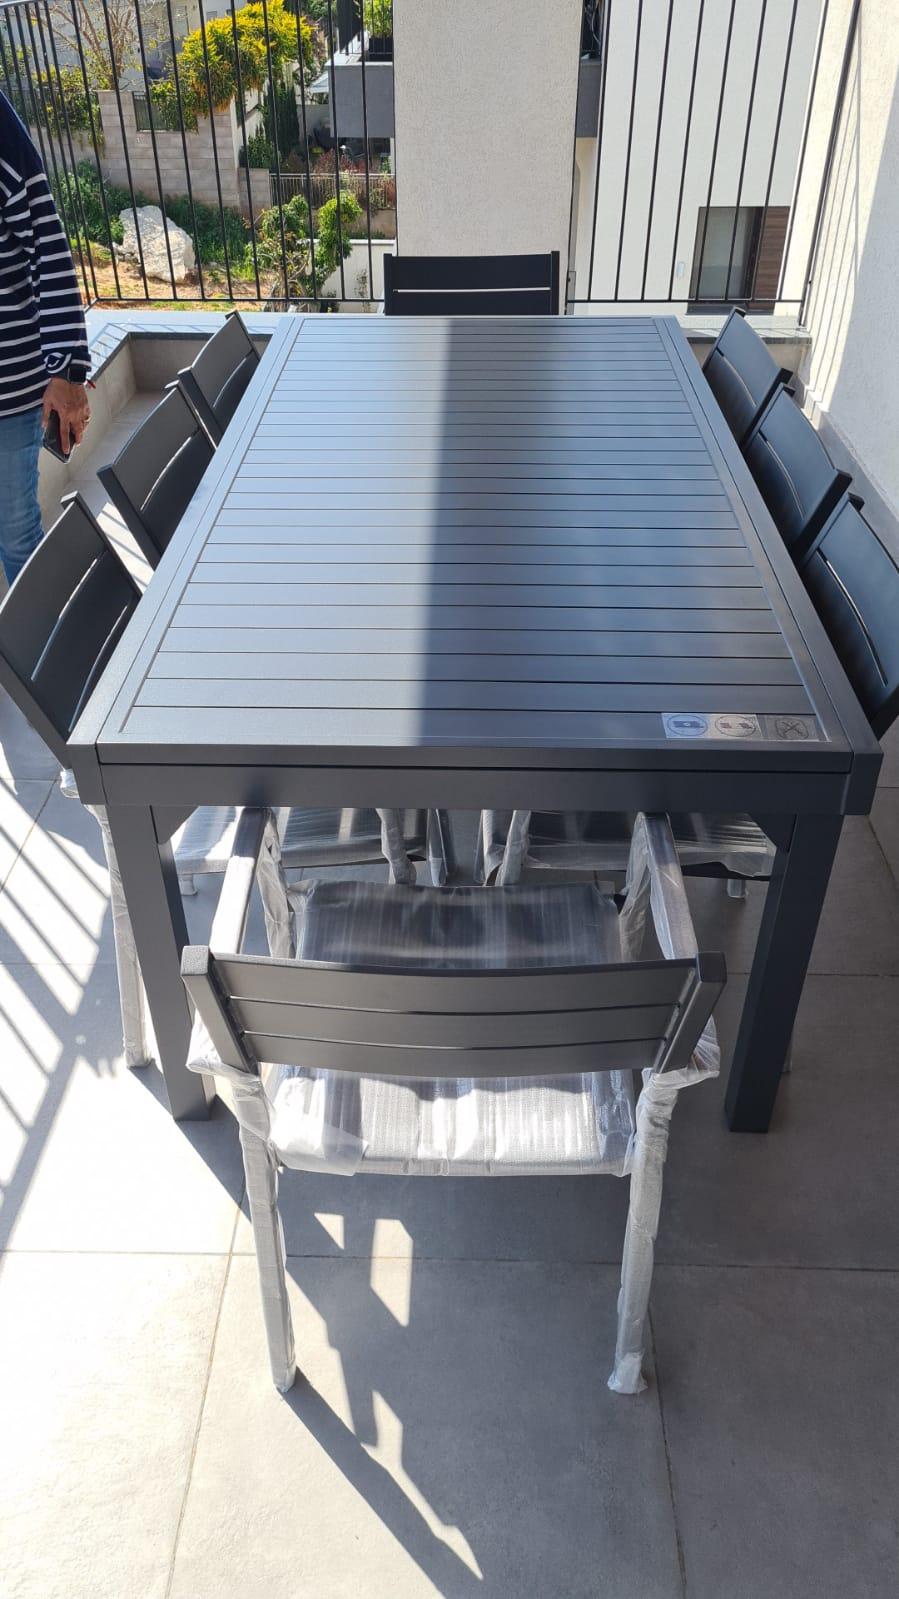 שולחן נפתח %100 אלומיניום 100X200/320 צבע אפור כהה